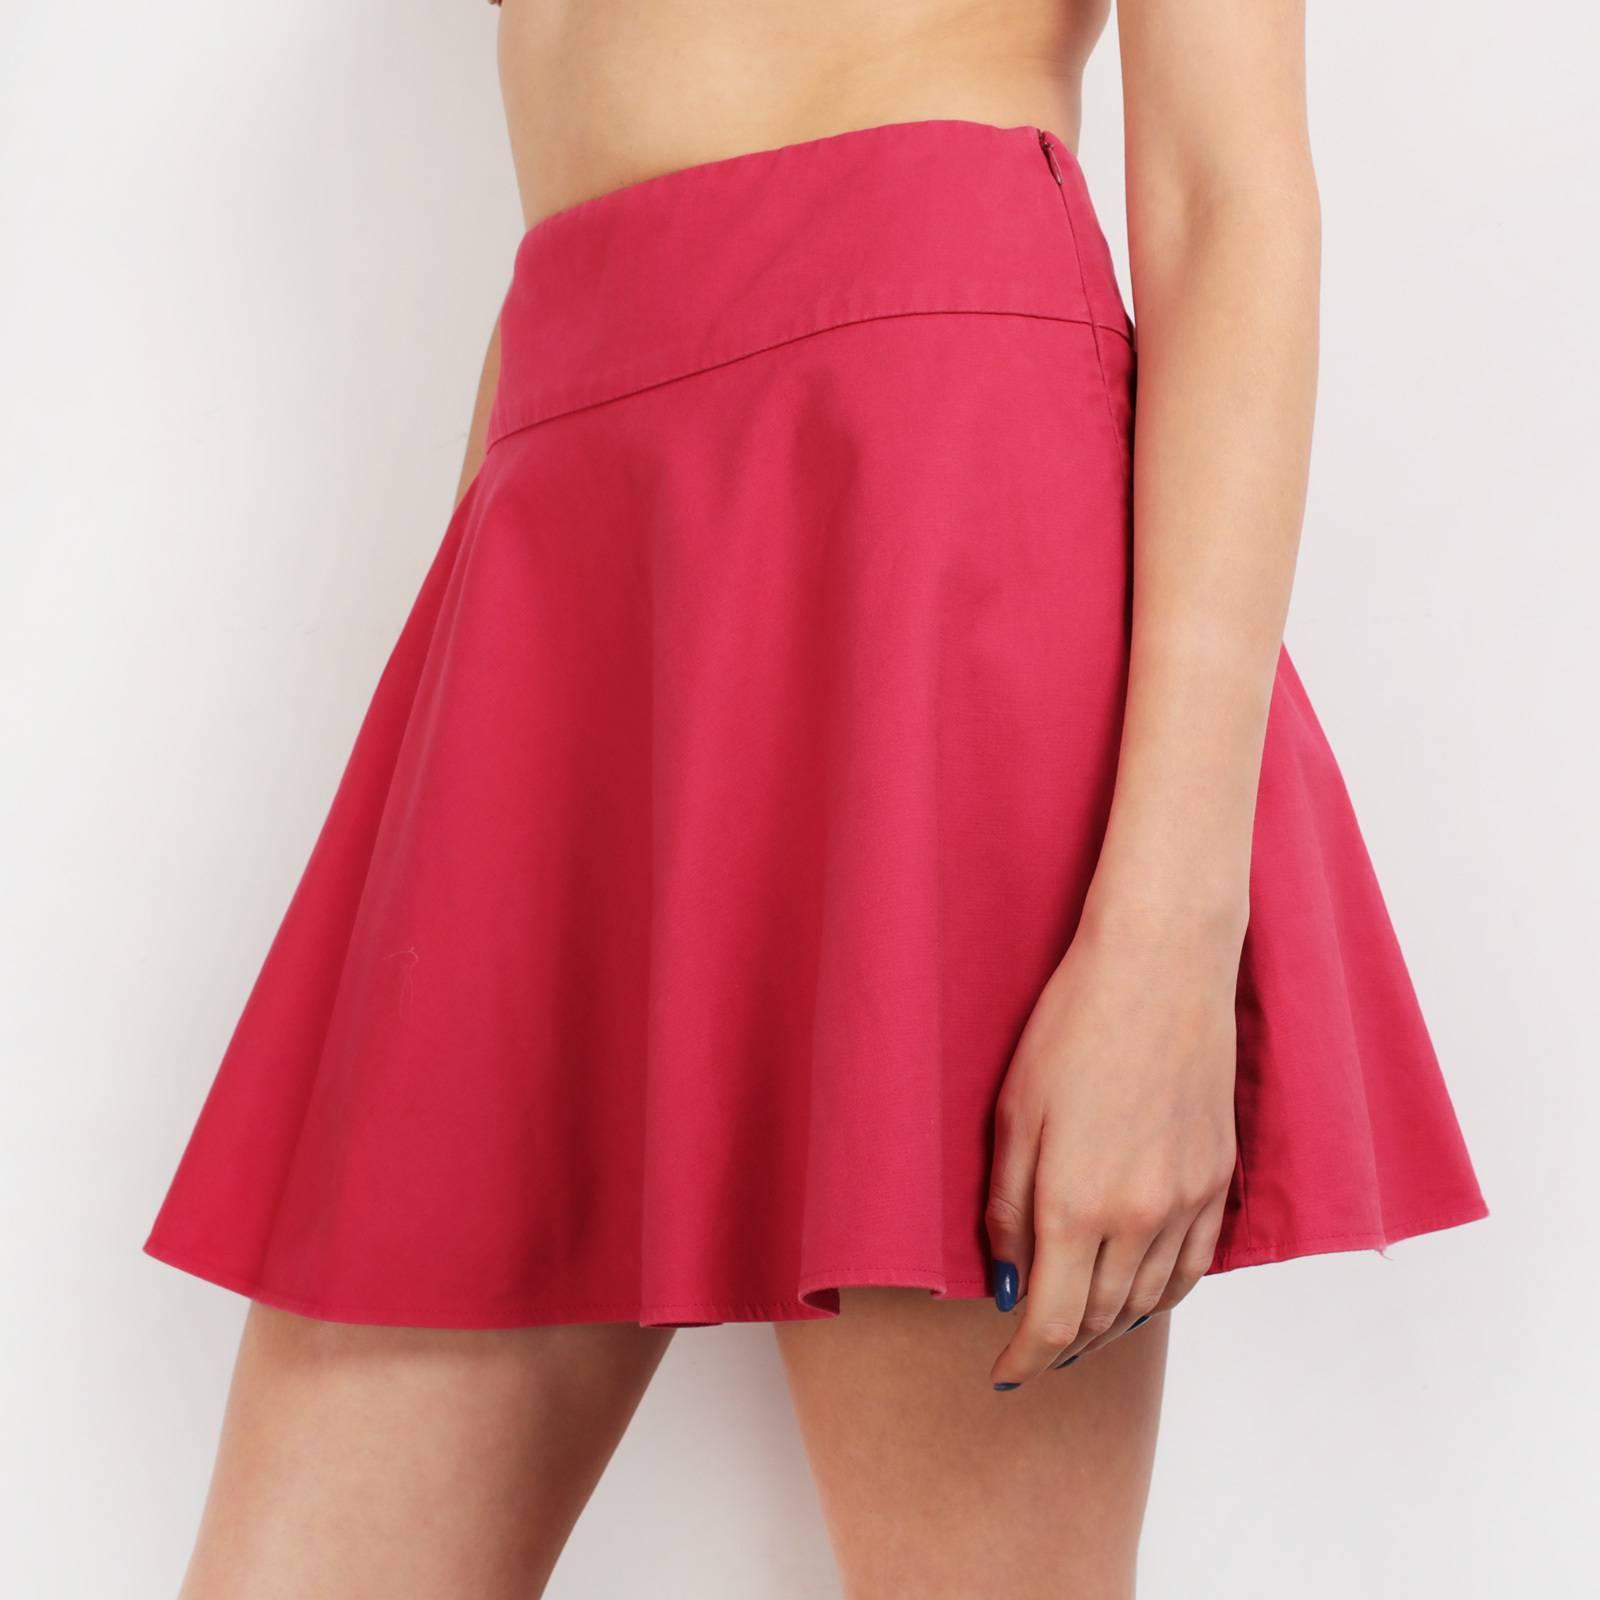 4a0f7d59c9f Купить юбку Red Valentino в Москве с доставкой по цене 2700 рублей ...